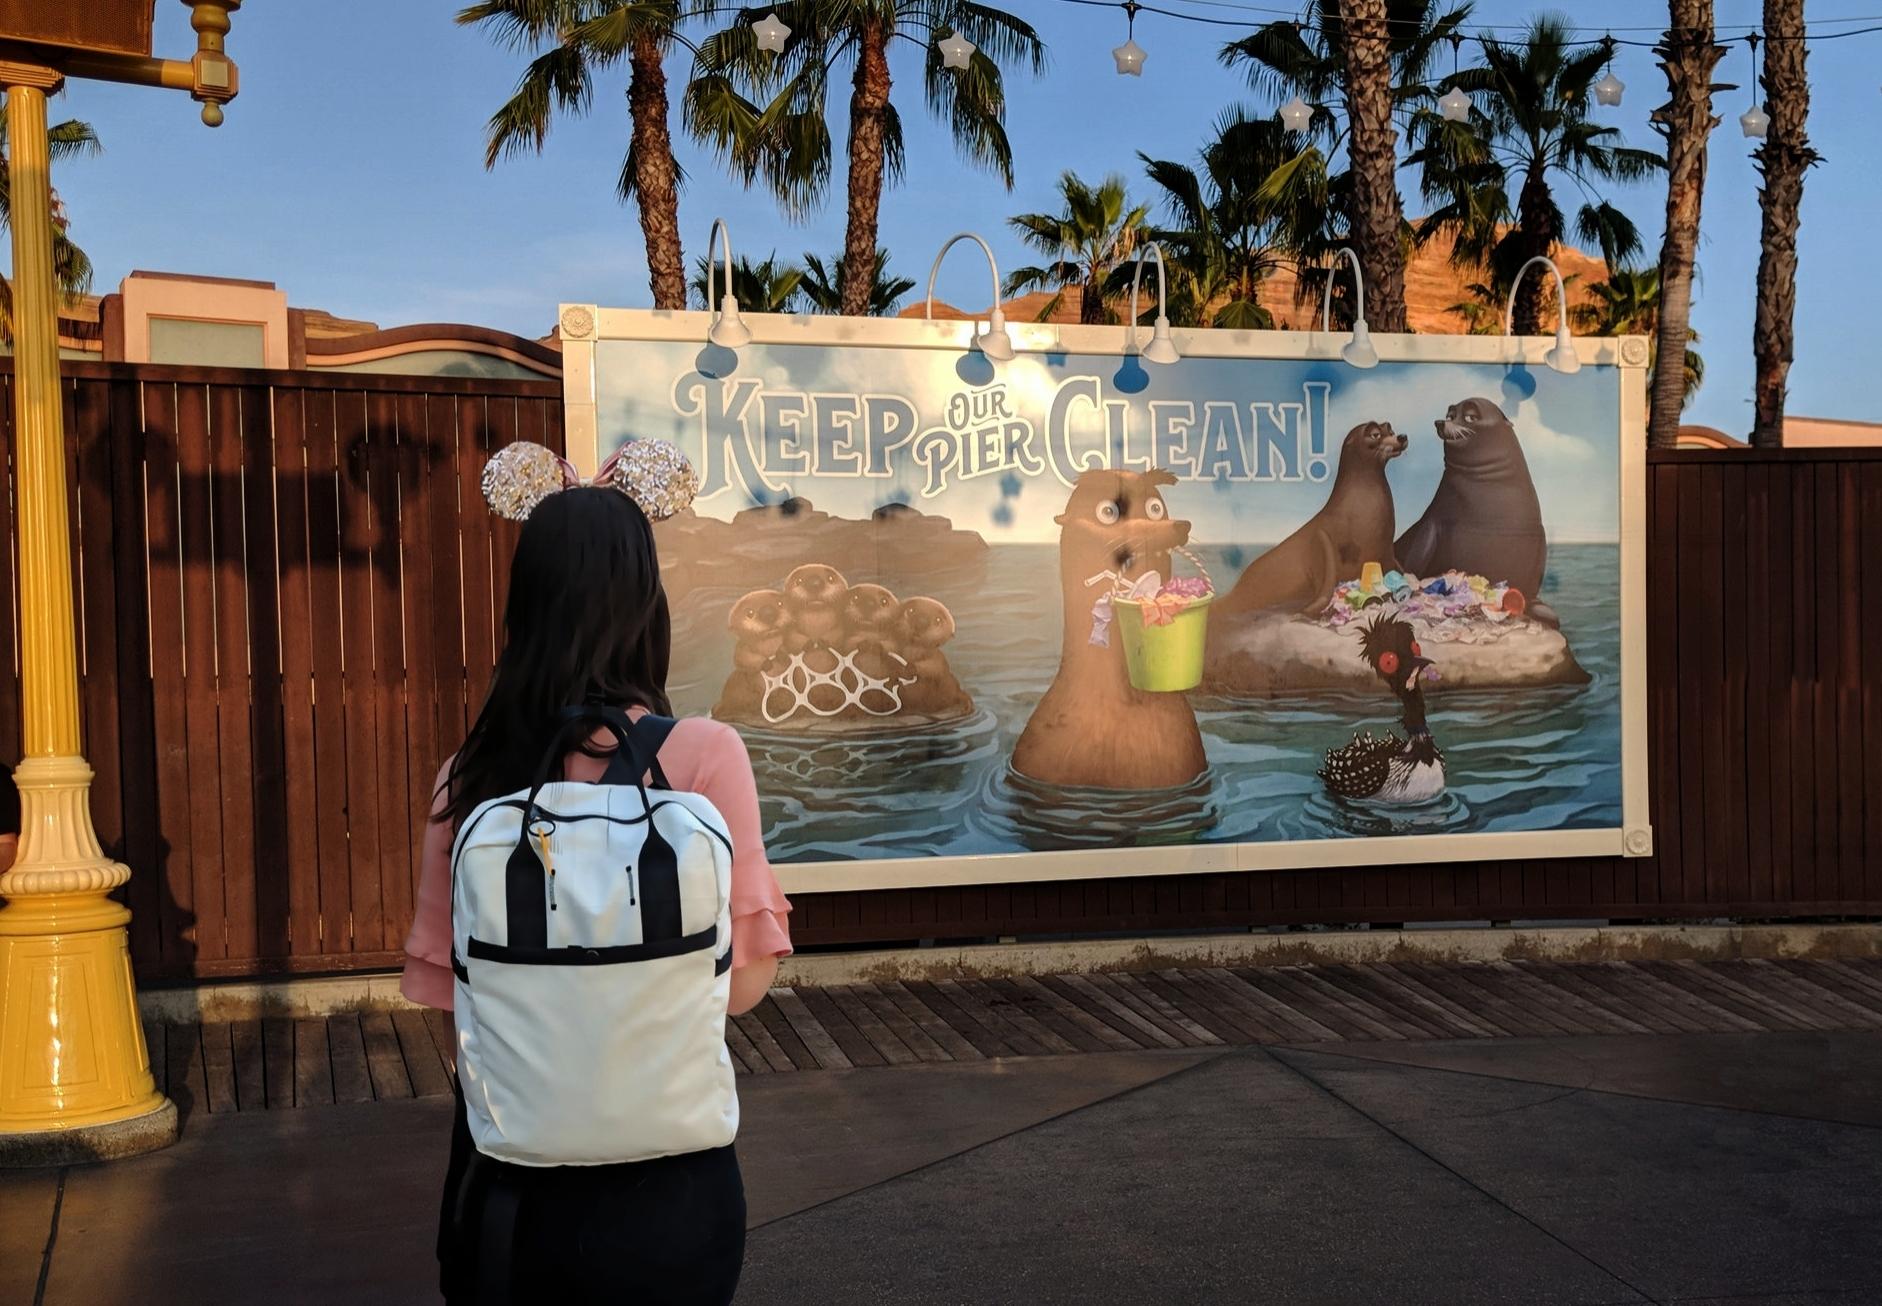 Zero waste at disneyland from www.goingzerowaste.com